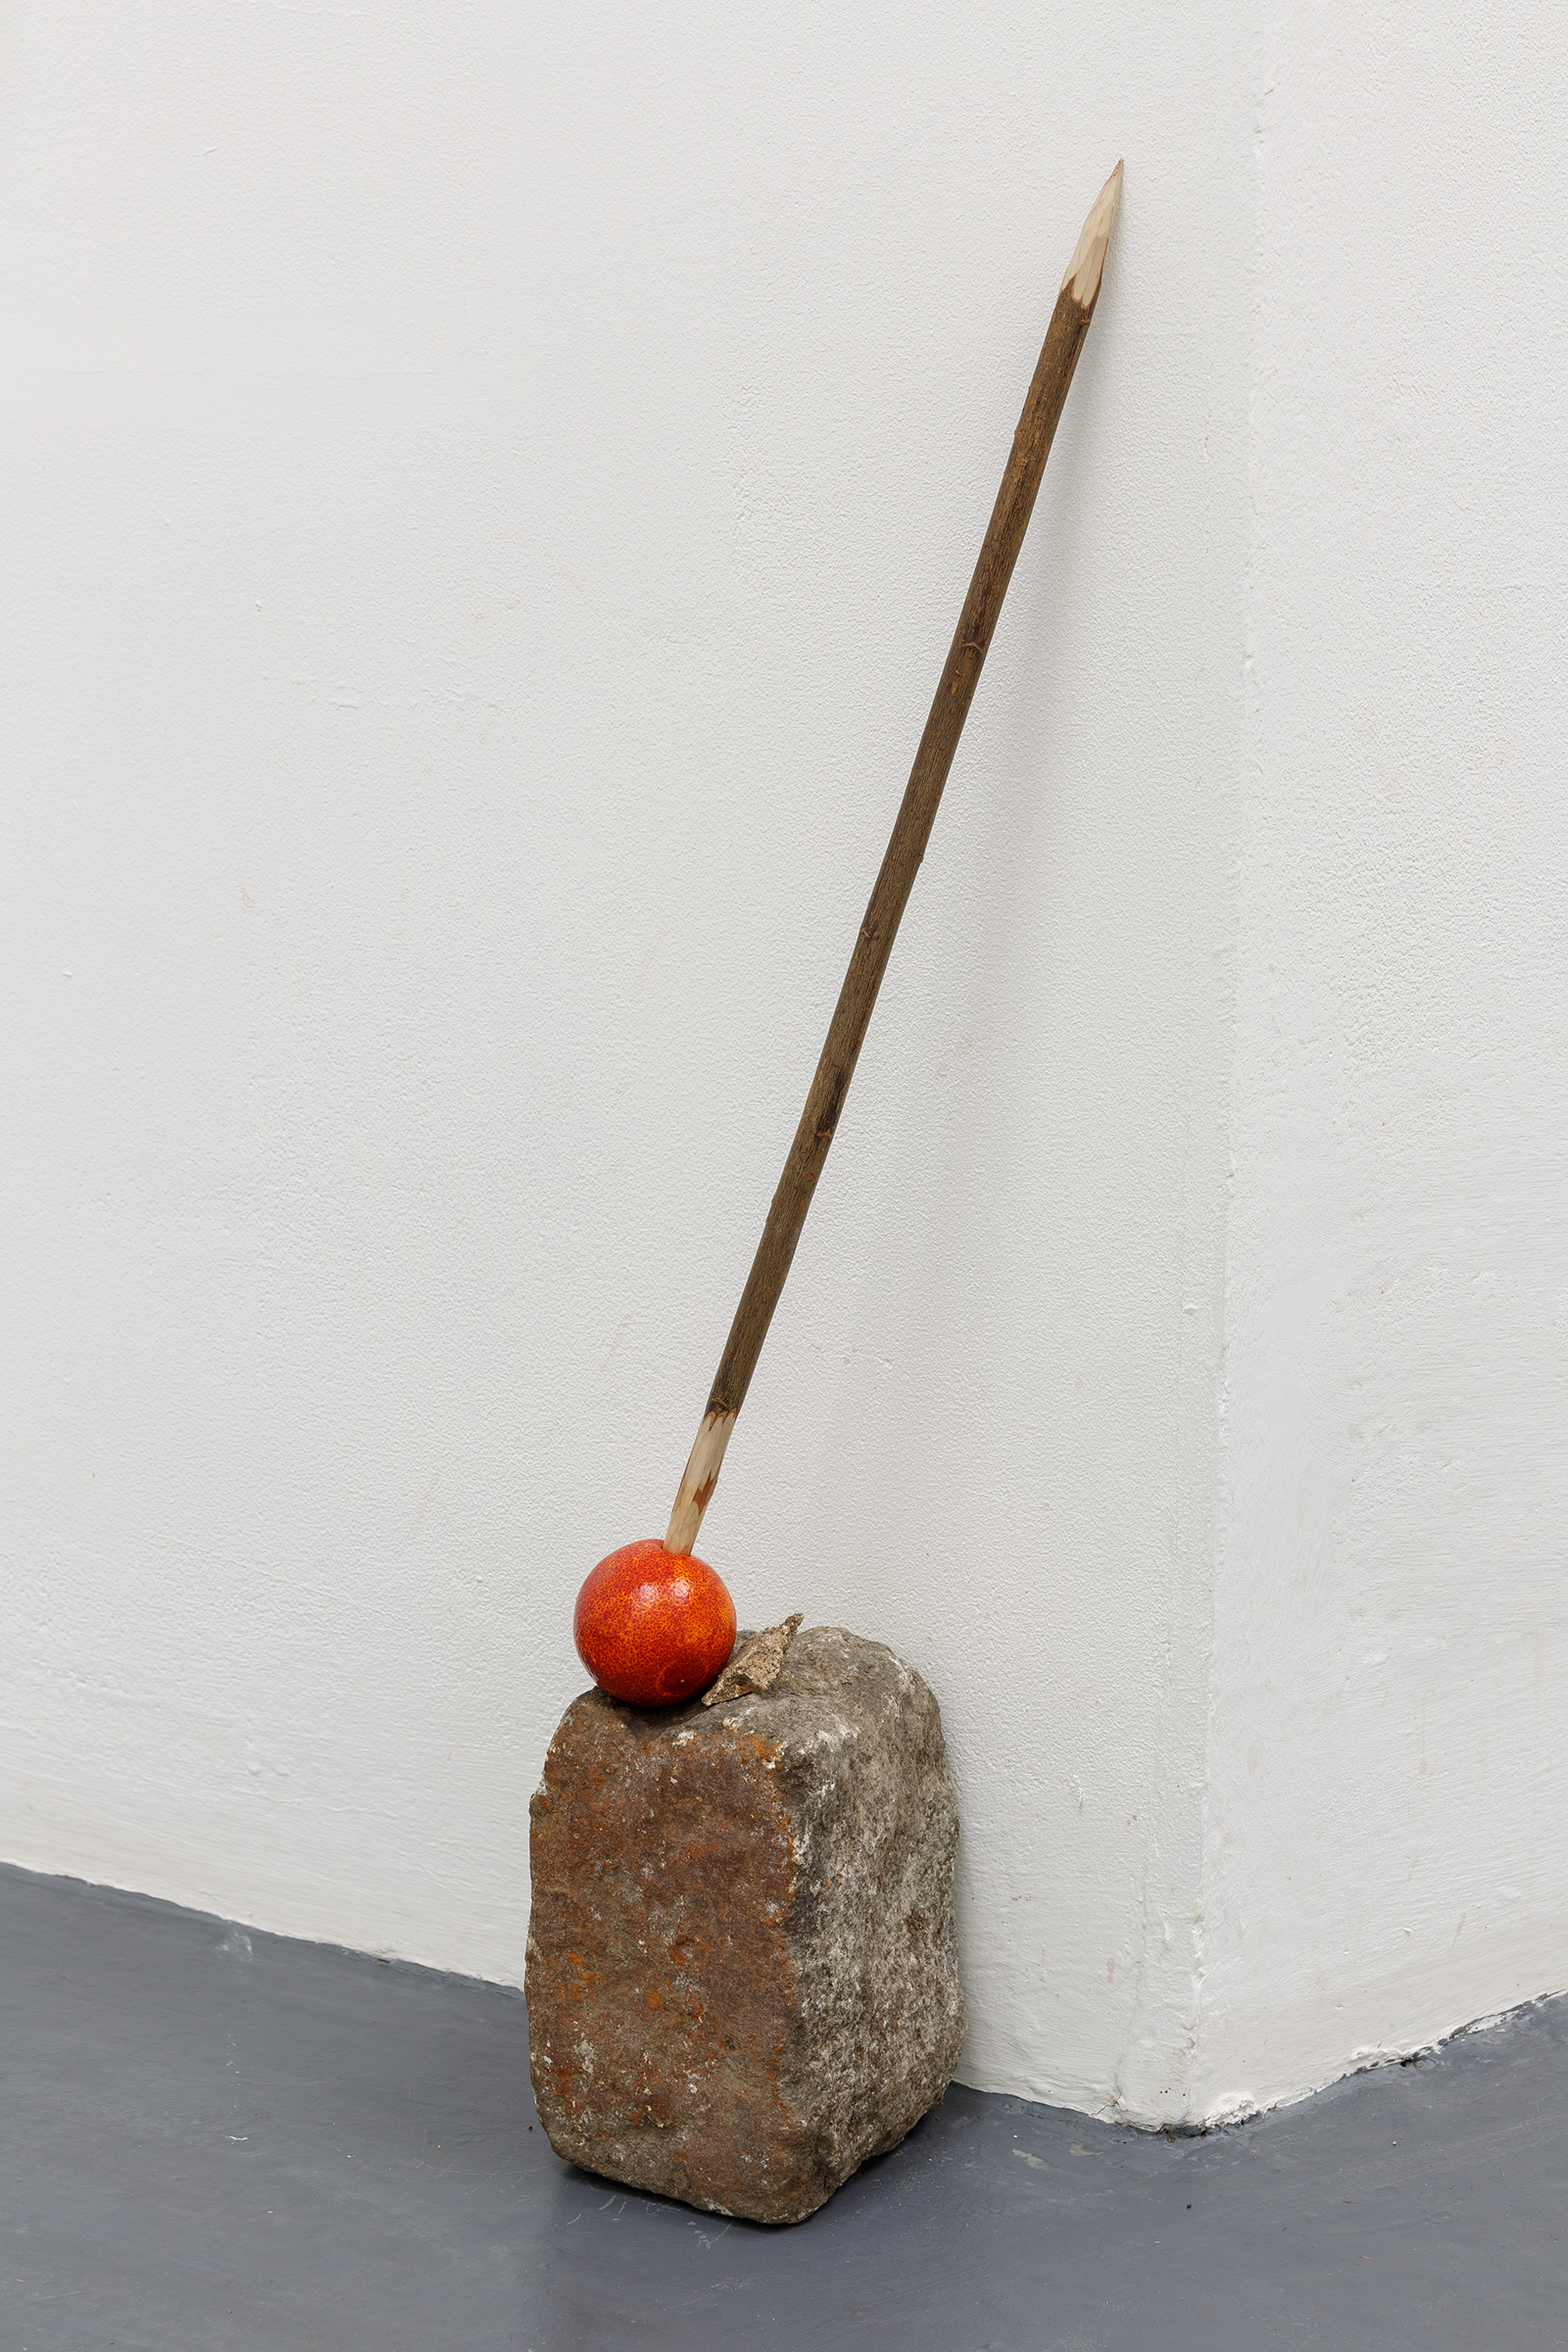 King Harold Kurios Oranj — Granite block, Whittled willow pole, blood orange, 2019.